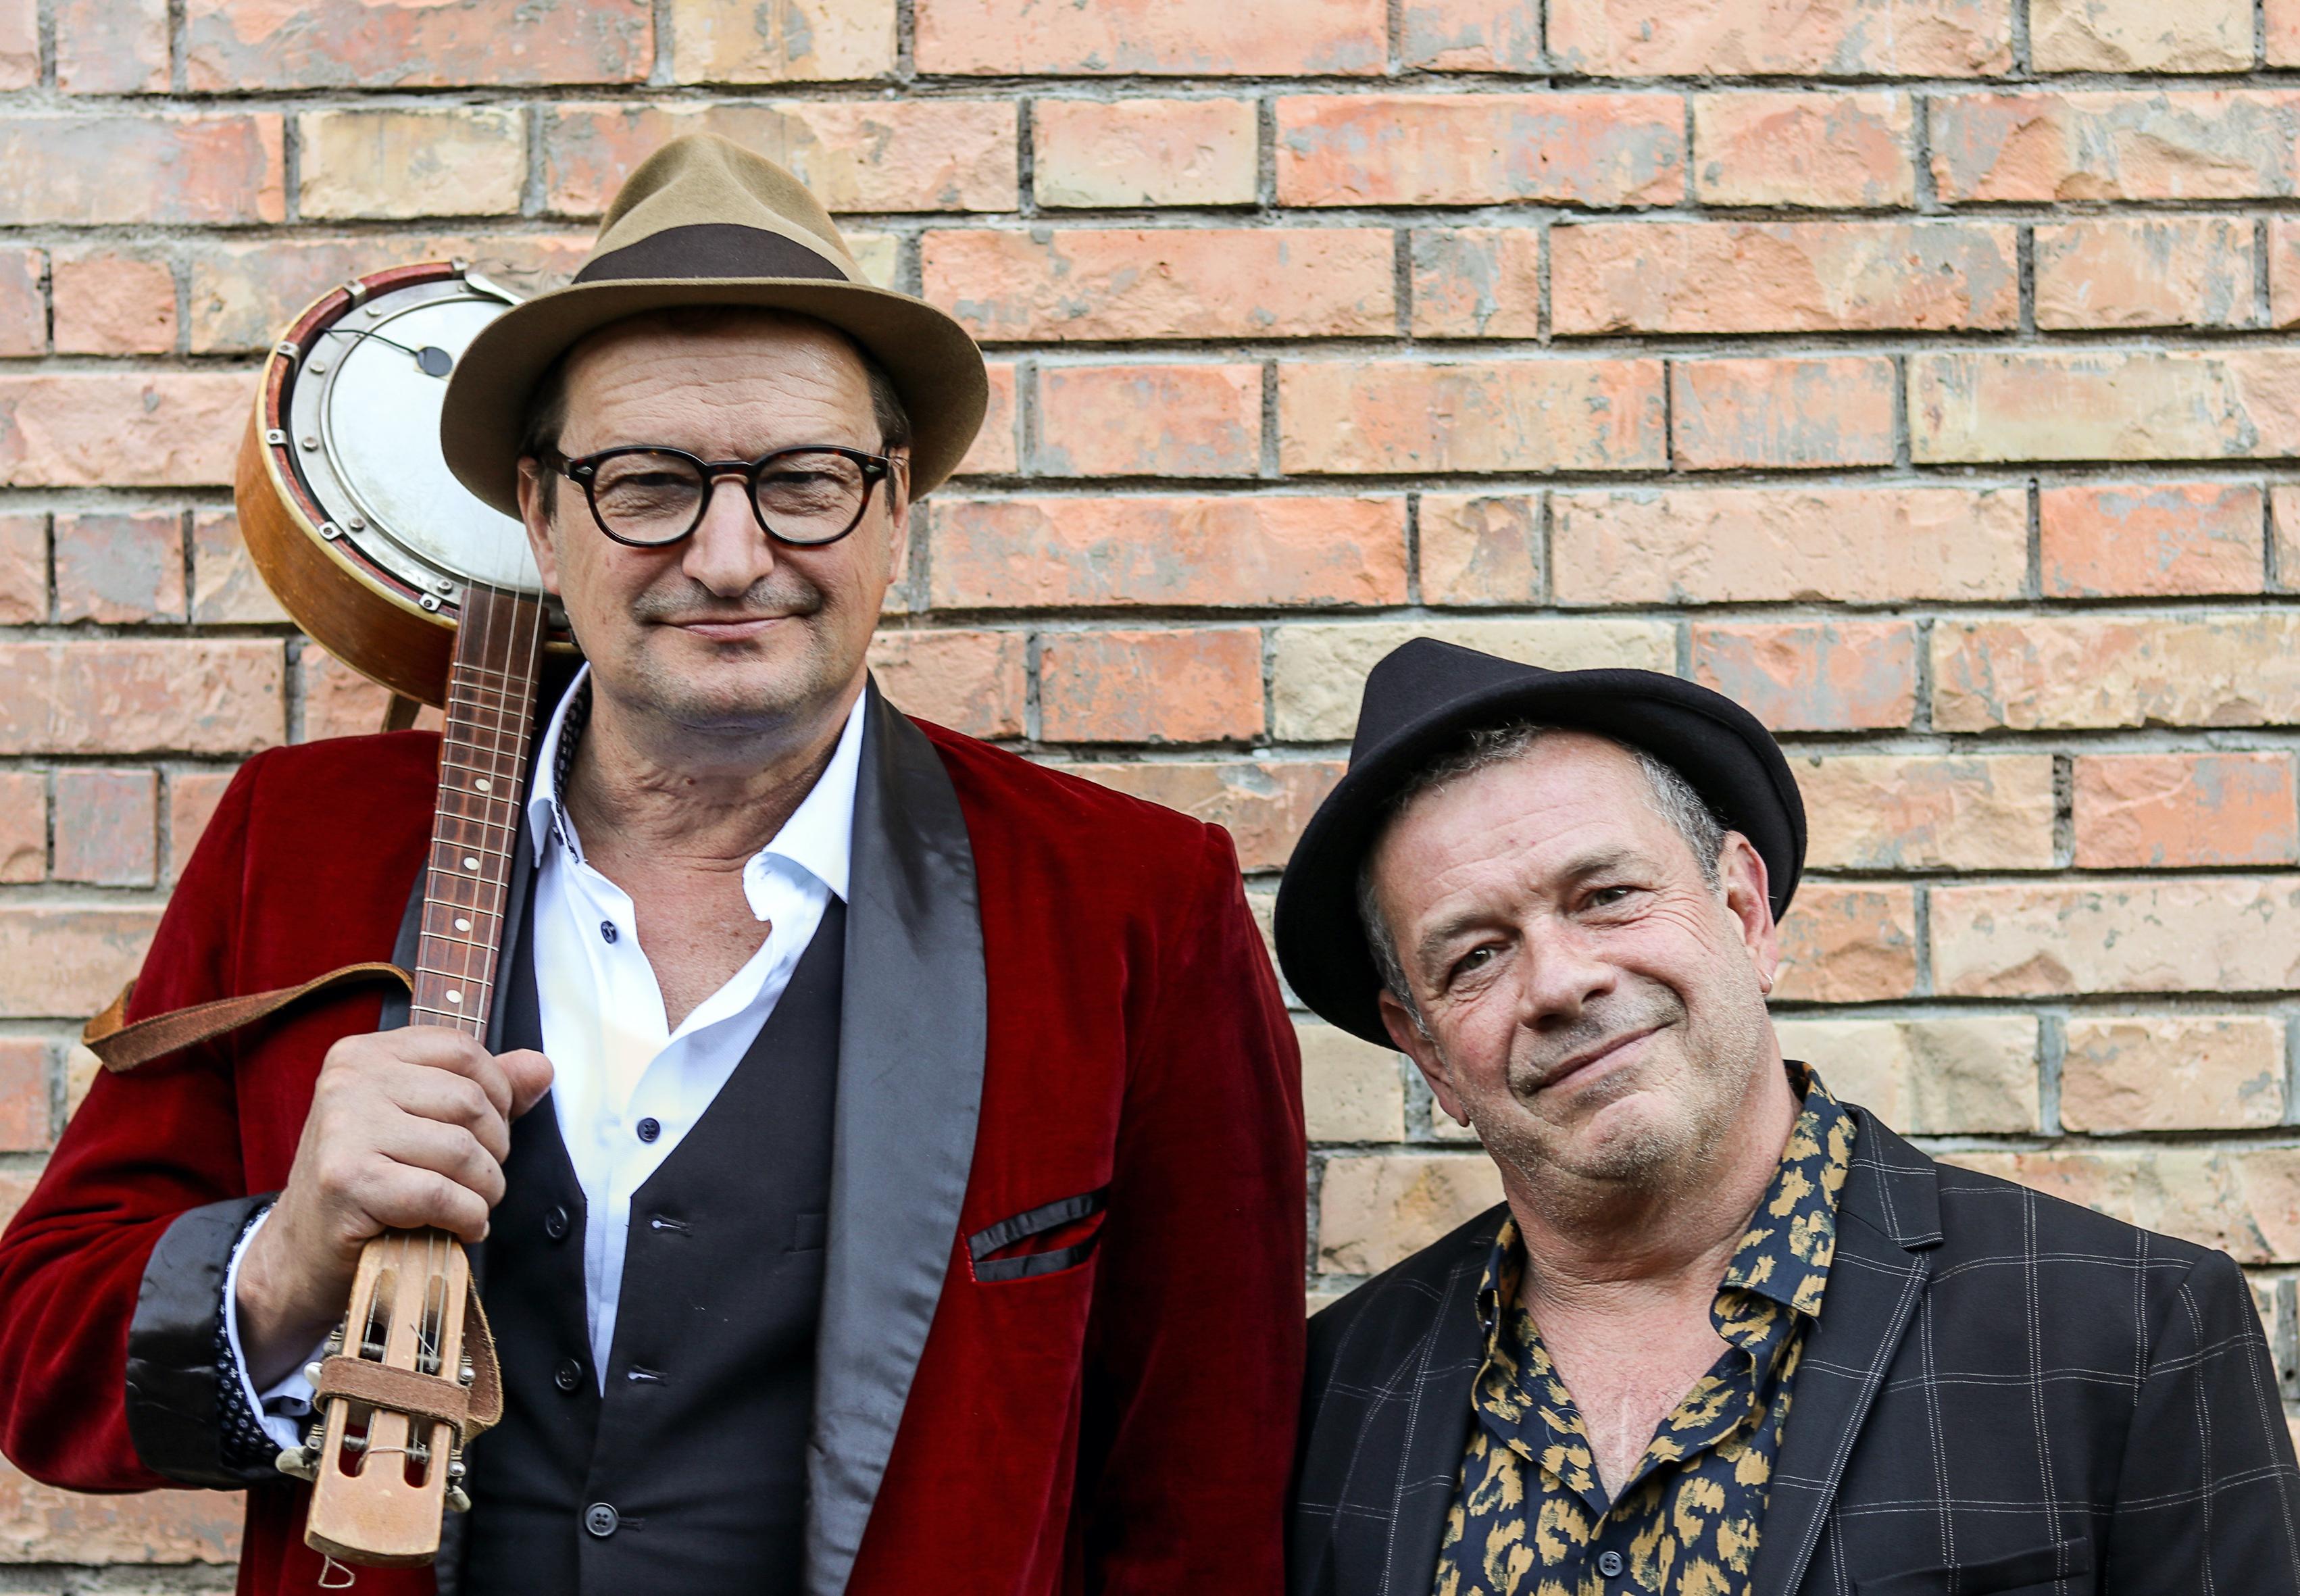 Les trois Suisses - Vagabund, Pressefoto 4